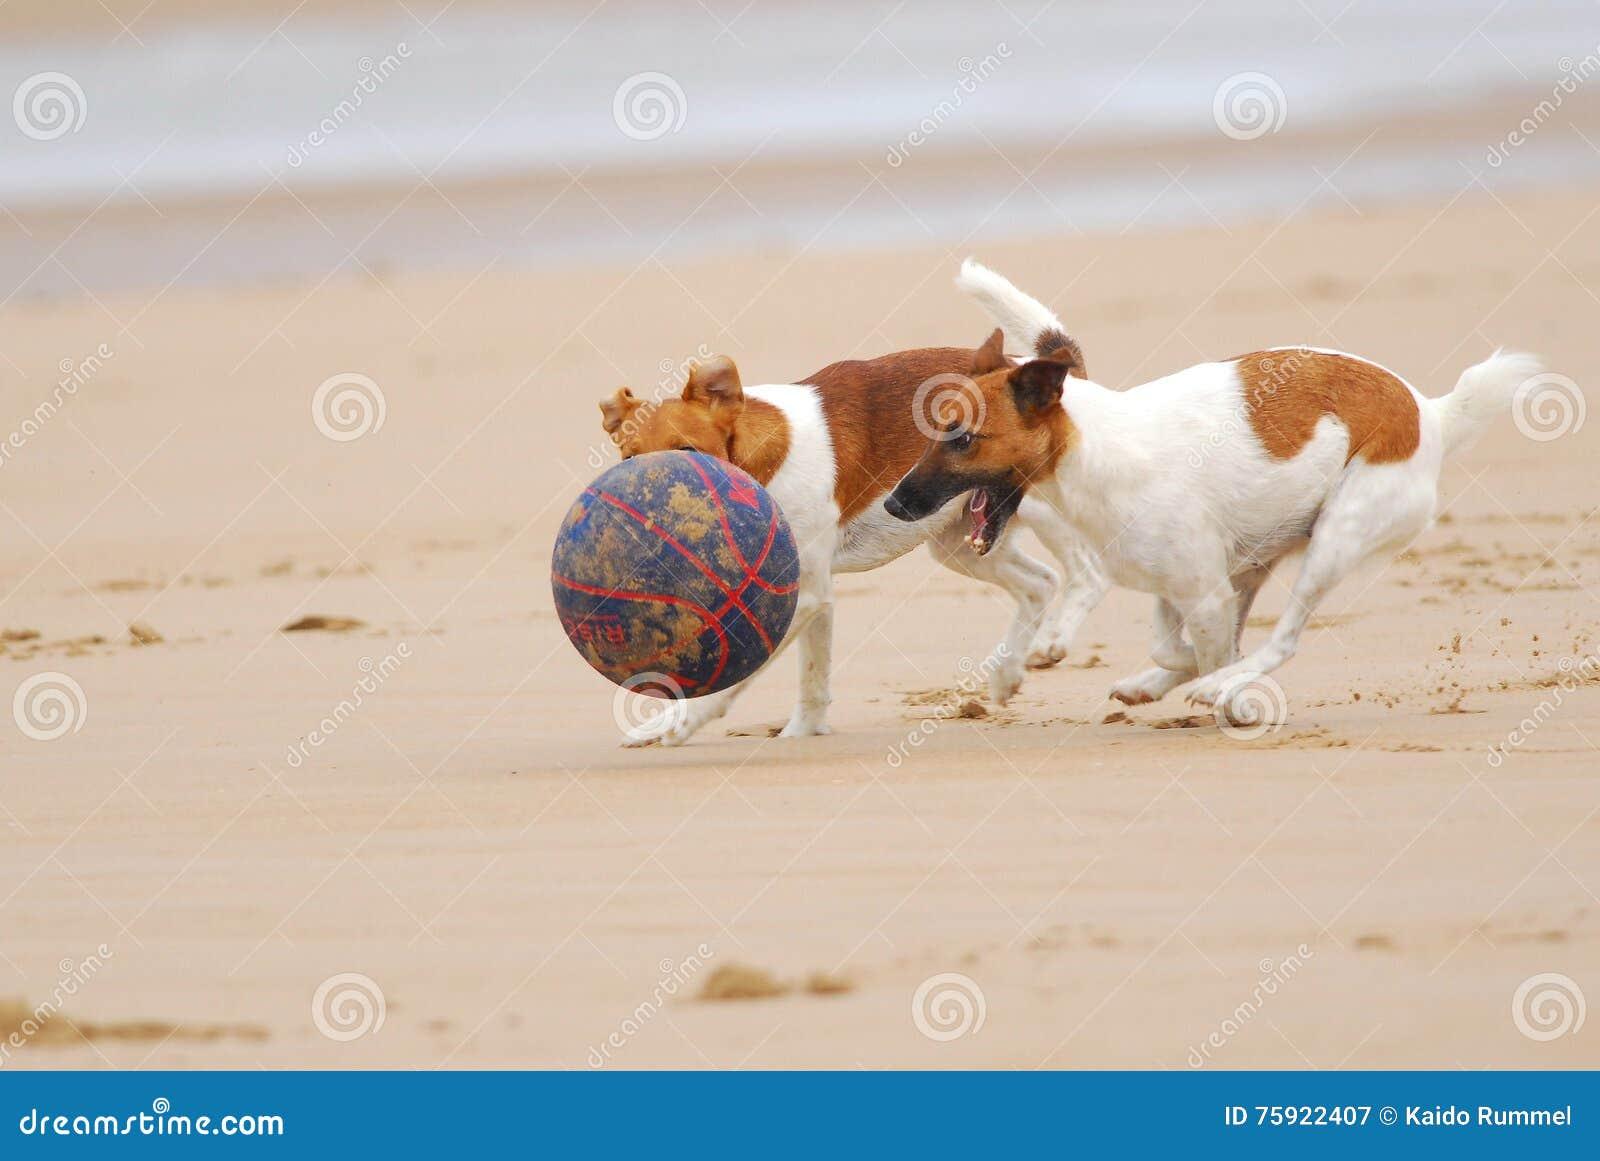 Cani che inseguono una sfera